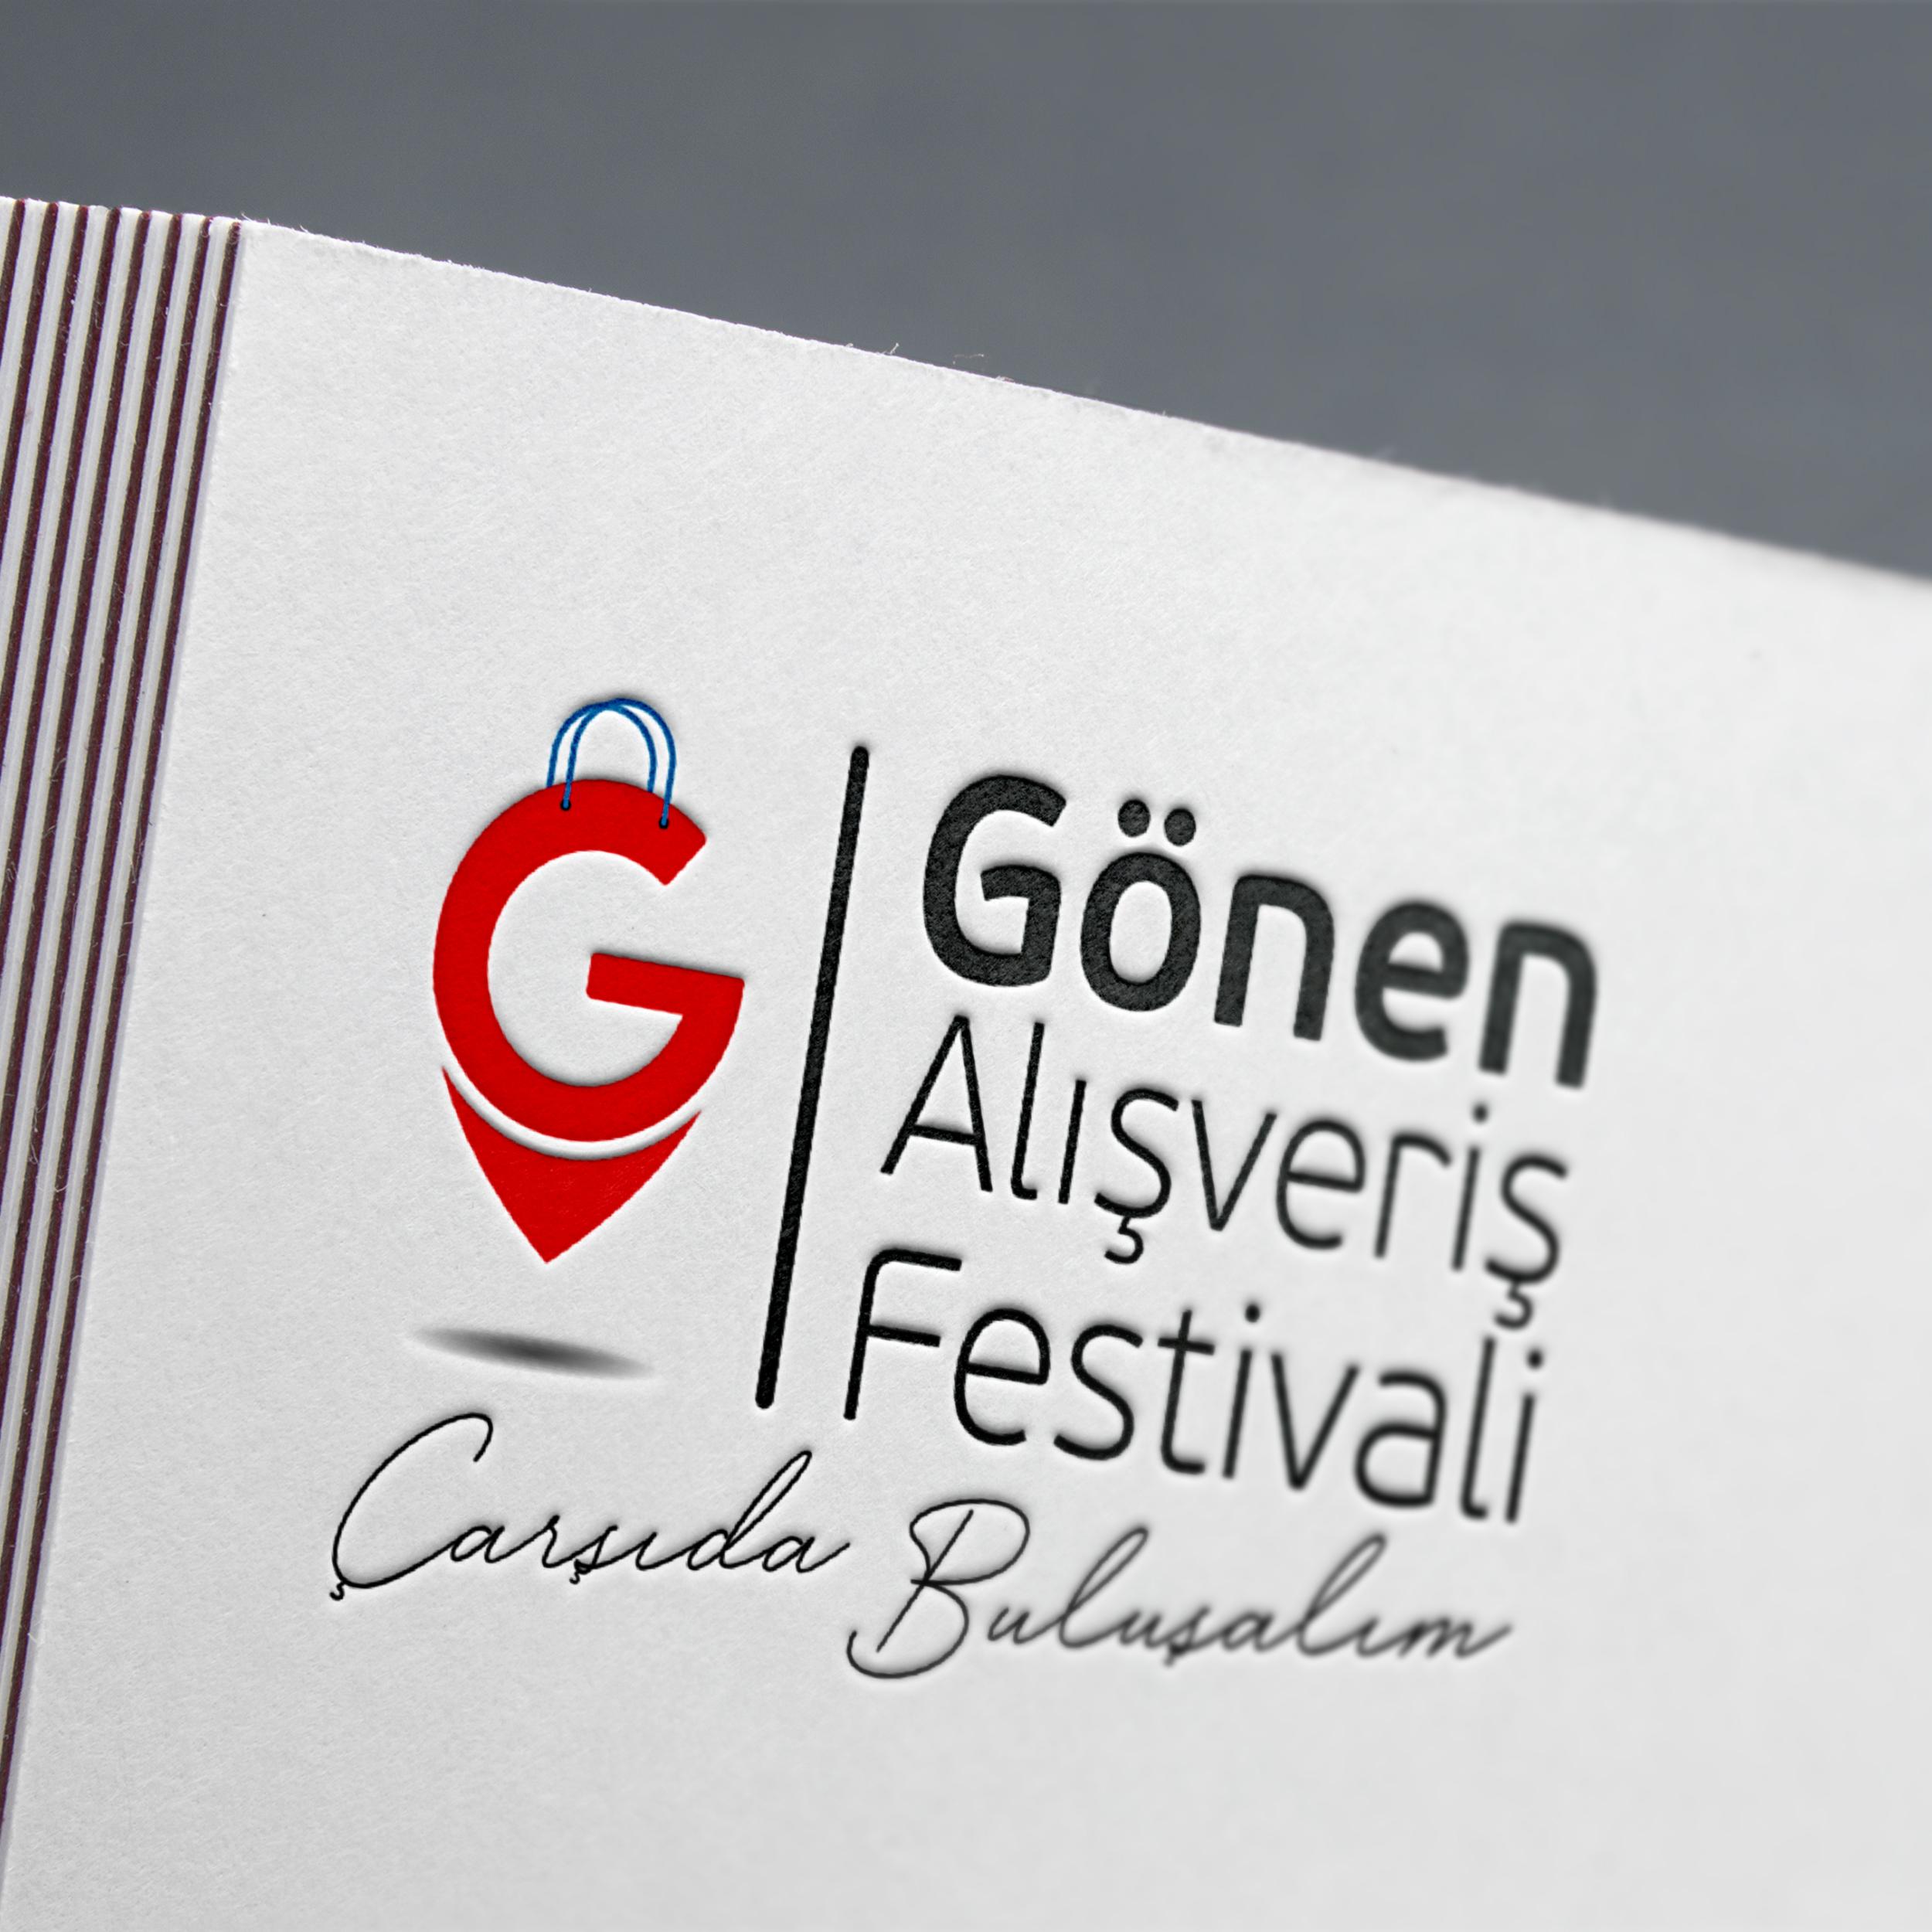 Gönen Alışveriş Festivali Logo